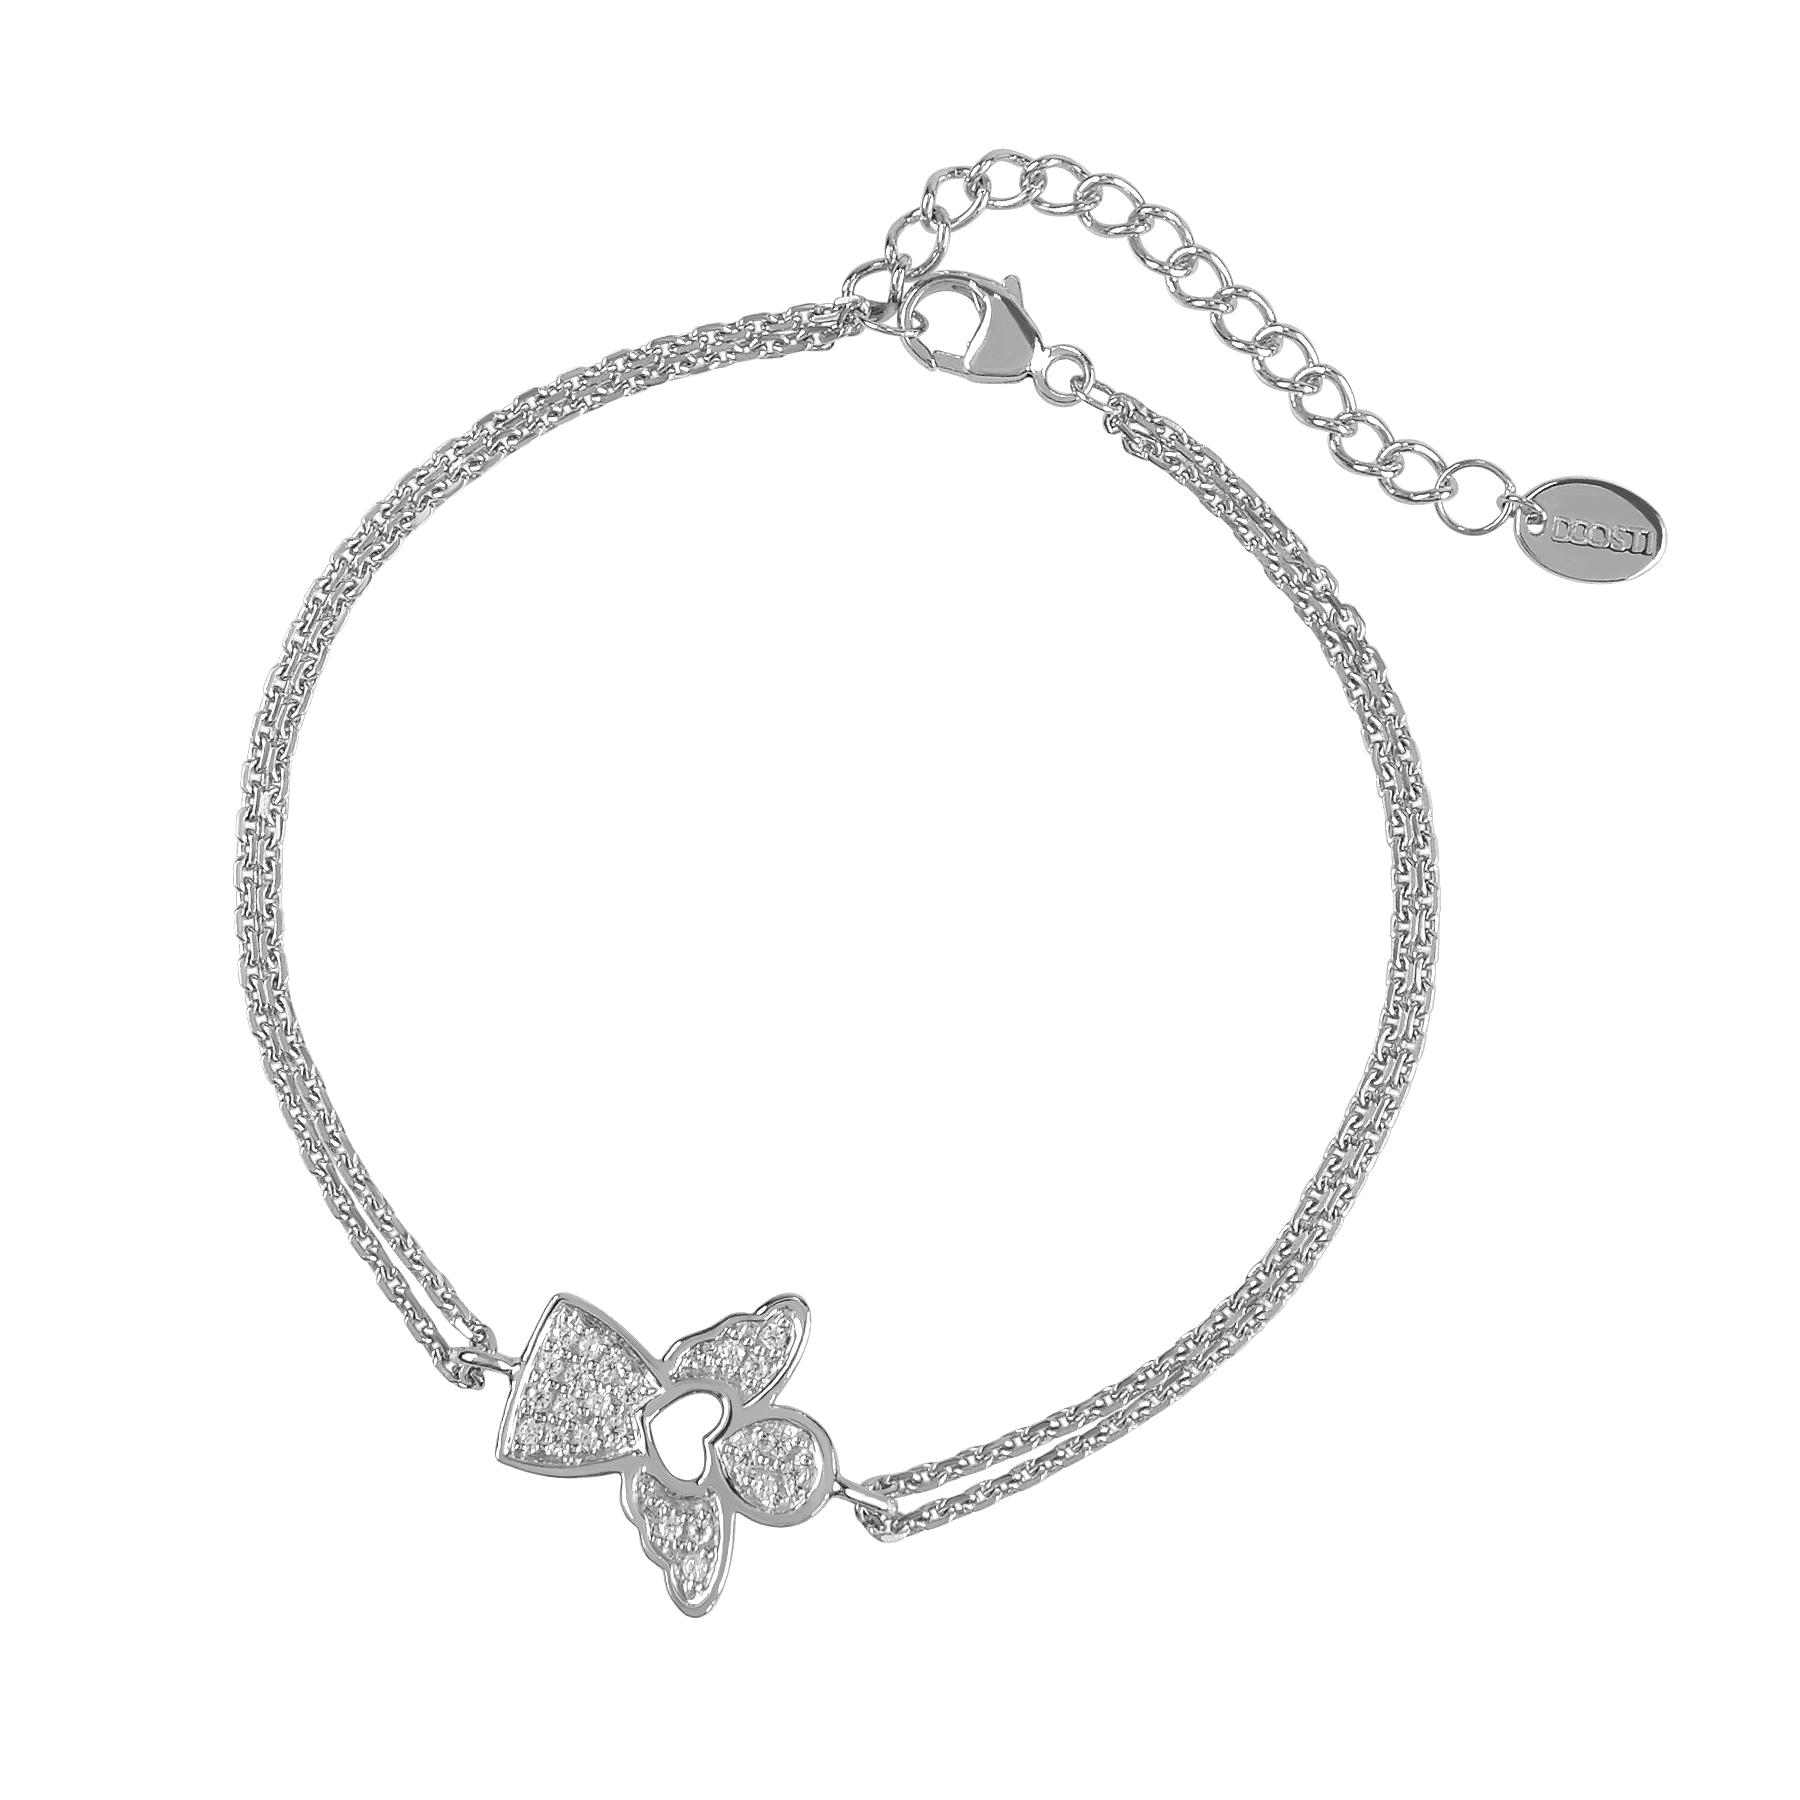 a14d6dda5bdc DOOSTI Damen Armband Engel 925 Silber rhodiniert